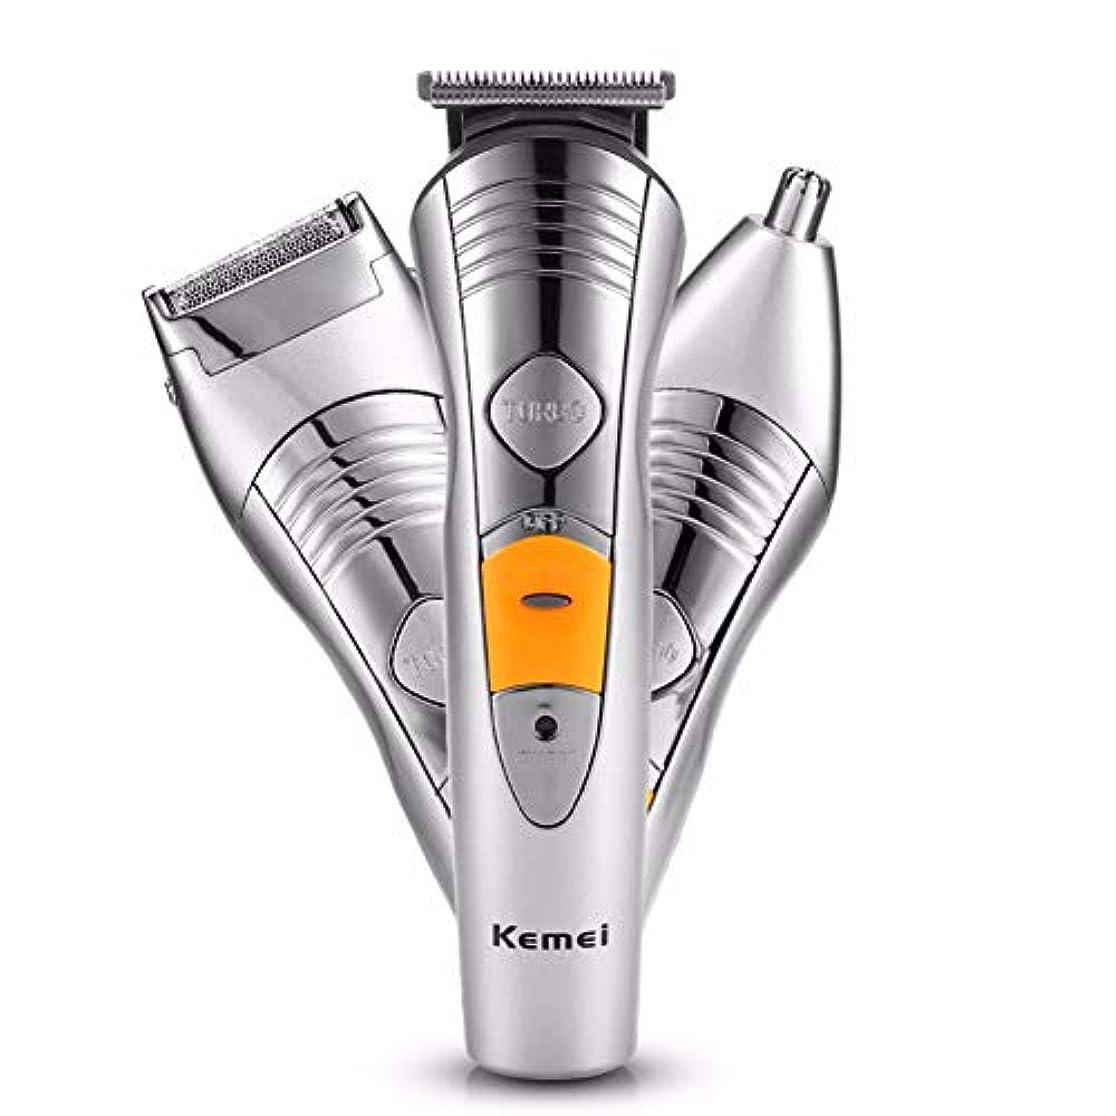 ランデブー矩形アルバム1つの専門の電気かみそりかみそりの男性を剃る機械再充電可能な鼻の耳の毛のトリマーのクリッパーに付き7つ